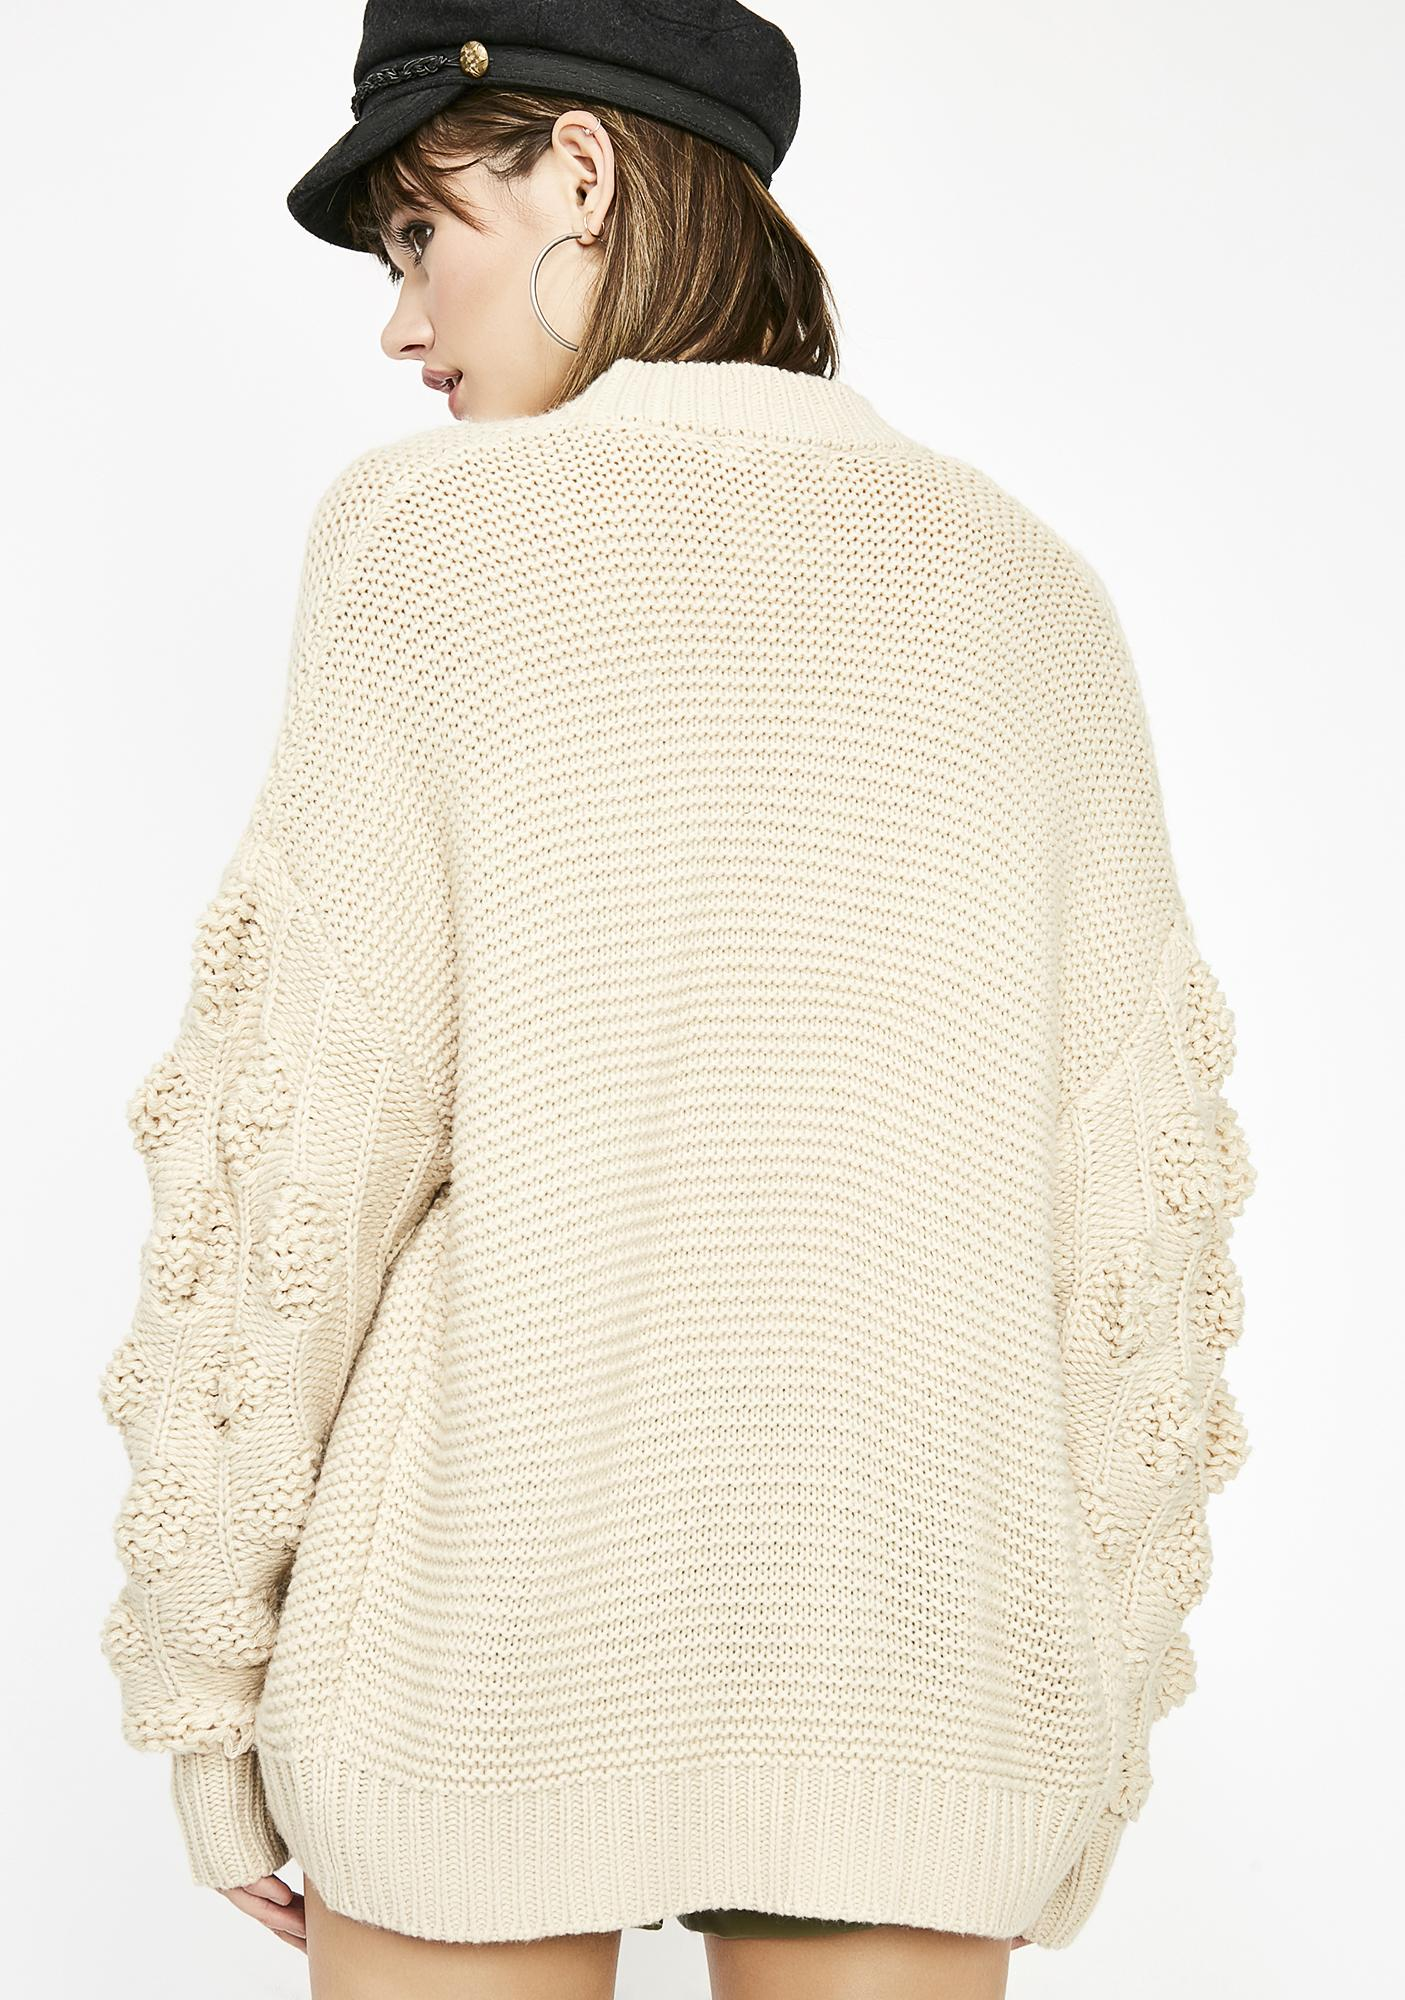 Feel A Way Knit Cardigan